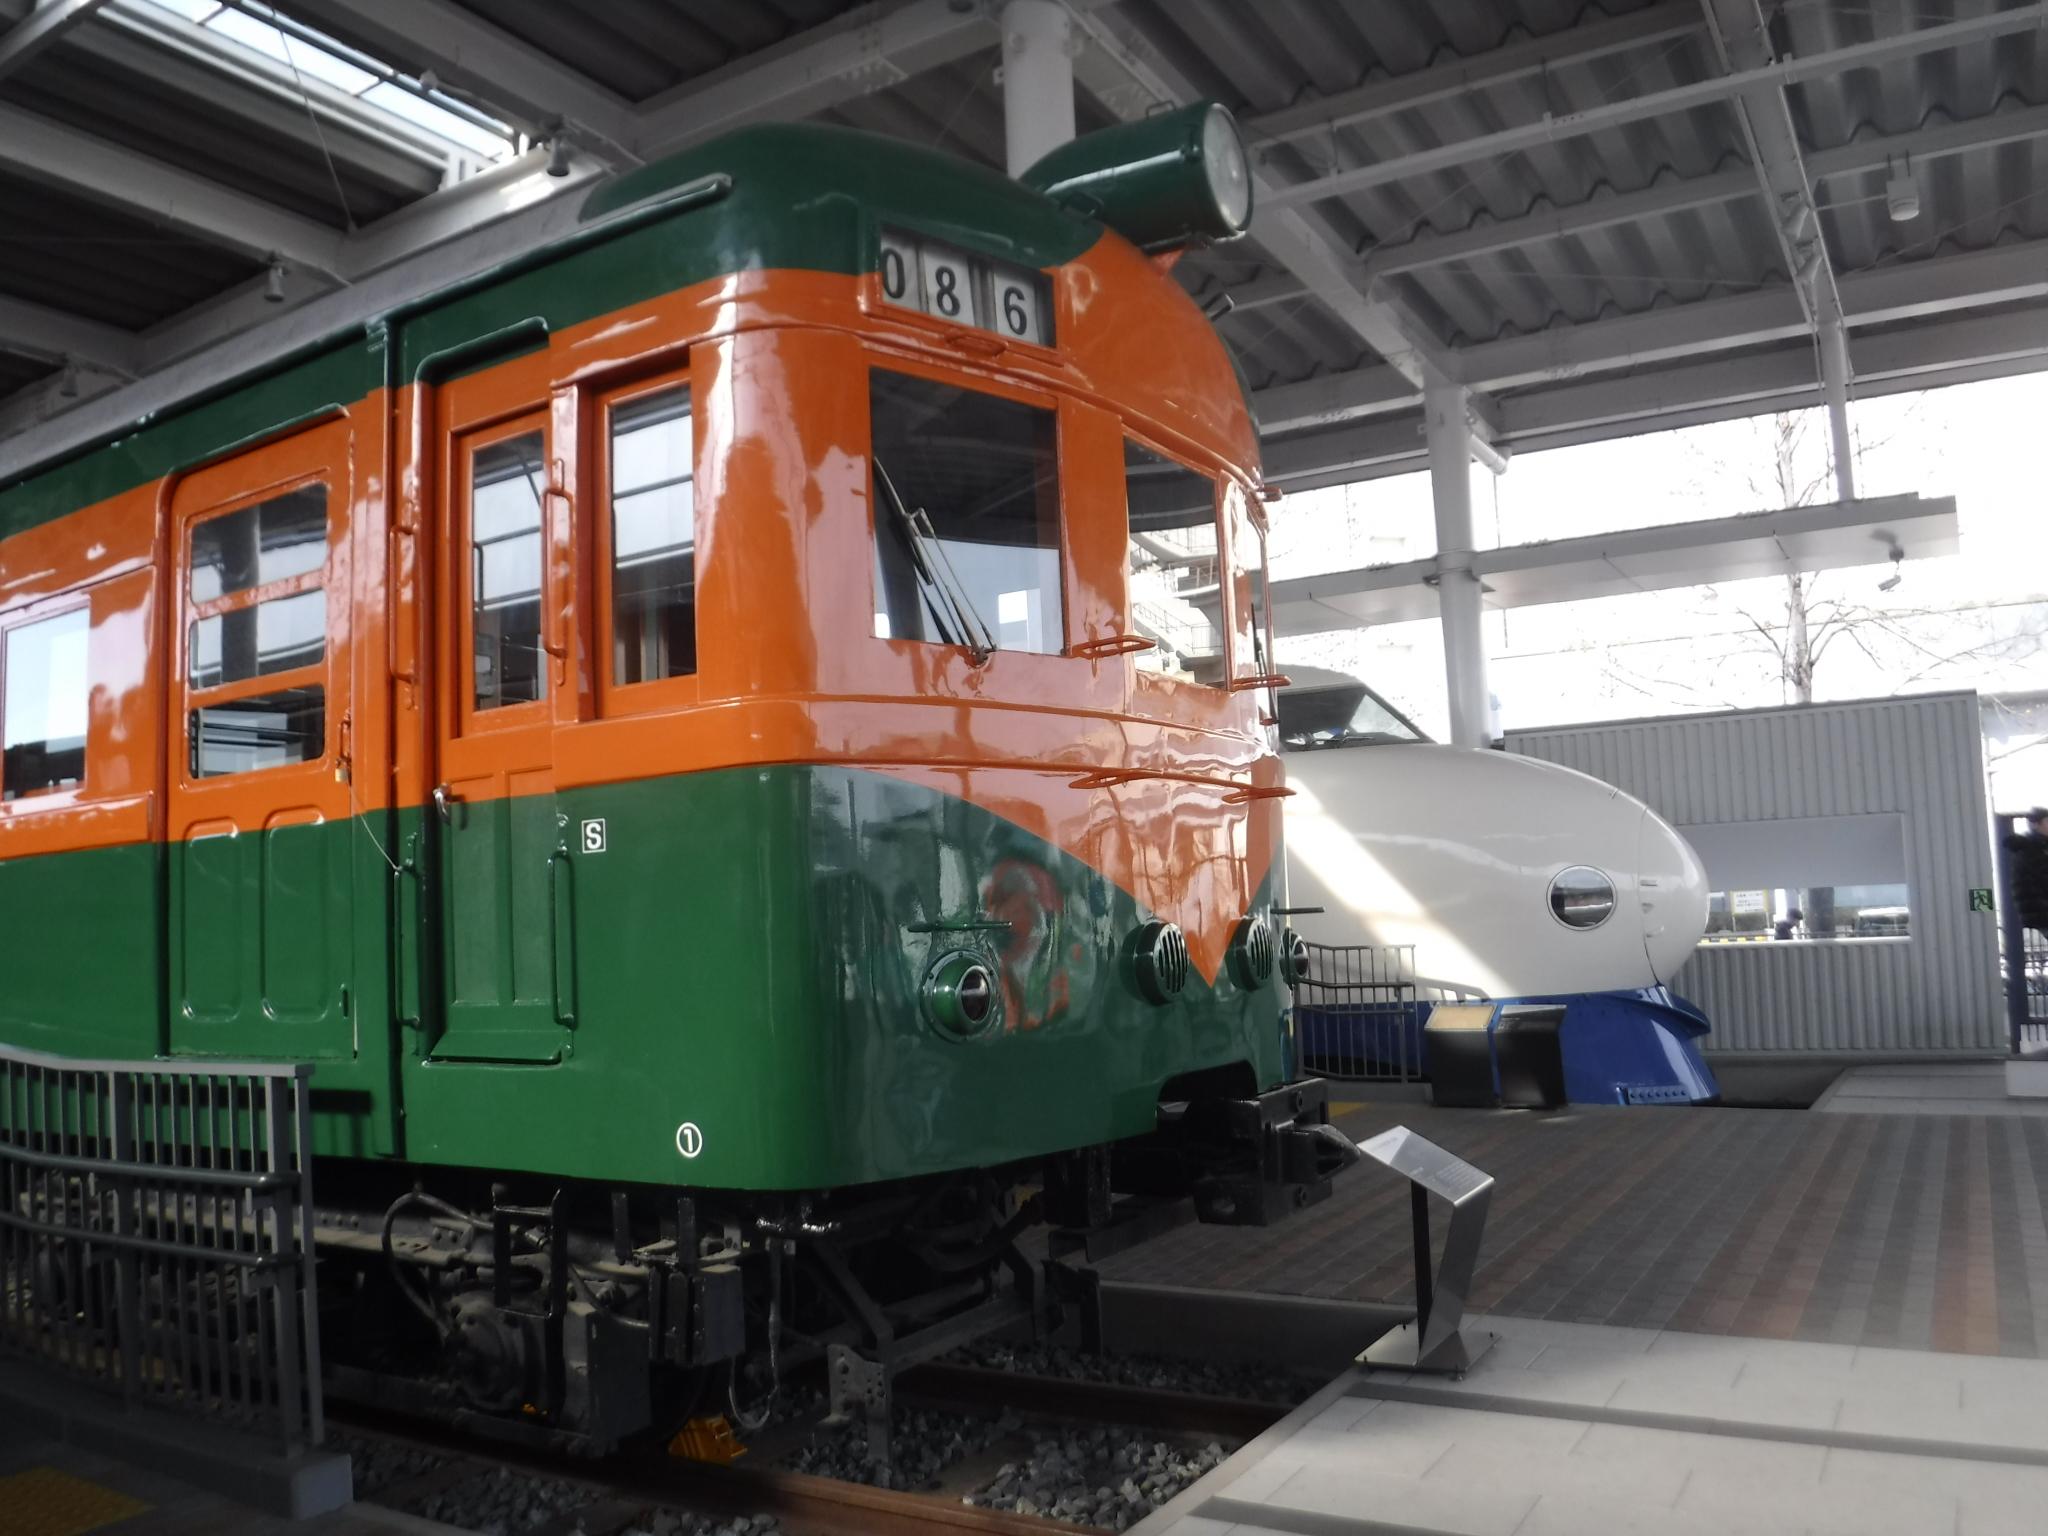 【ウィンタースクール】京都鉄道博物館に行こう!